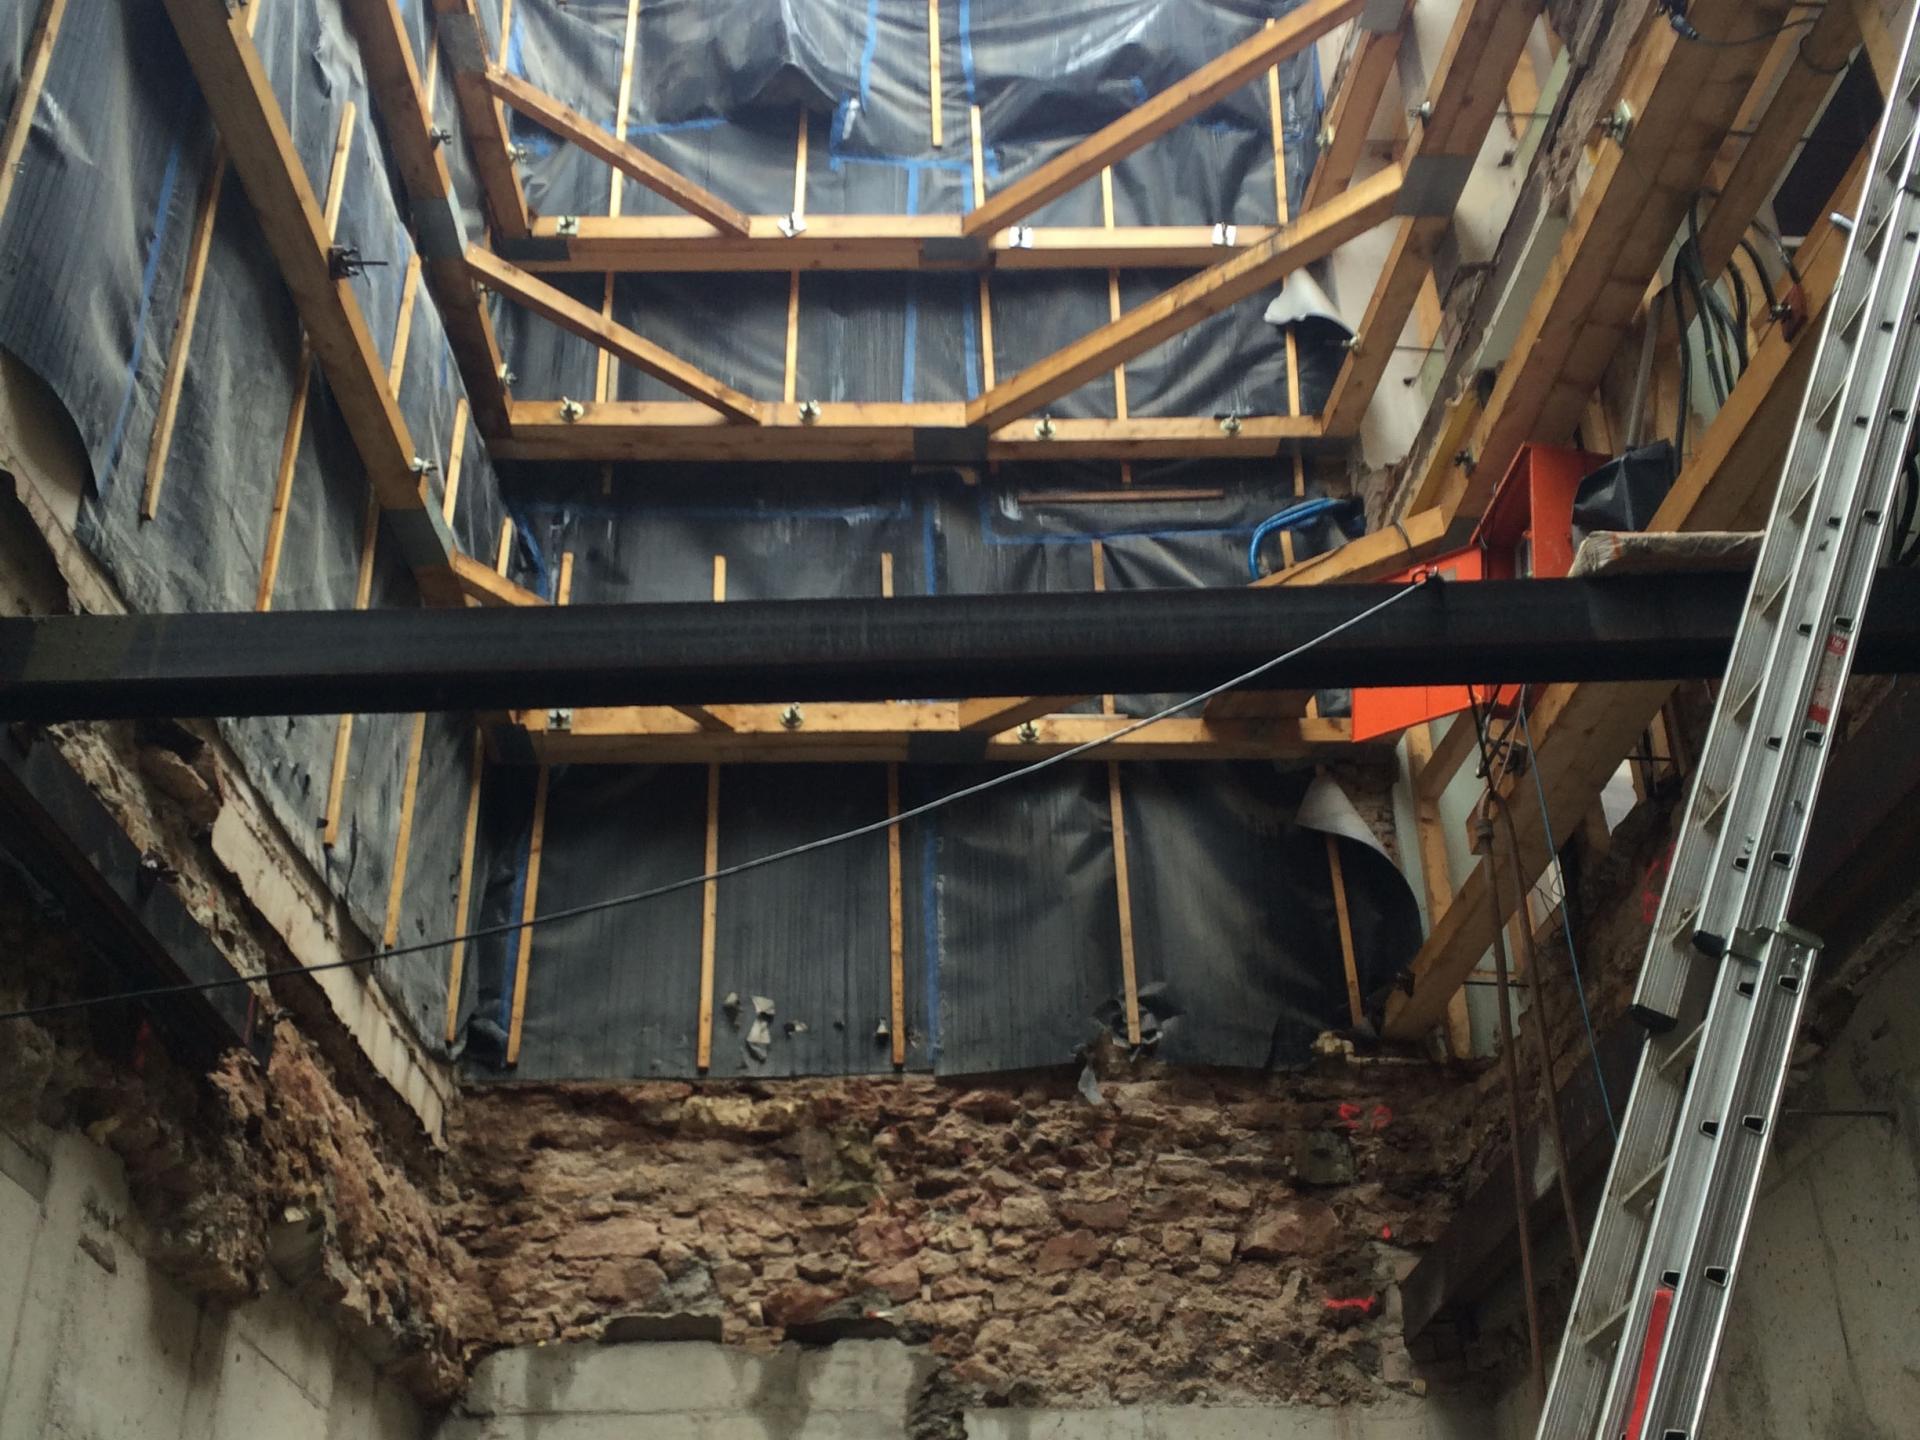 Das 'Bauen im Bestand' zur Sanierung bestehender Objekte ist ebenfalls ein wesentlicher Bereich unserer Bautätigkeit